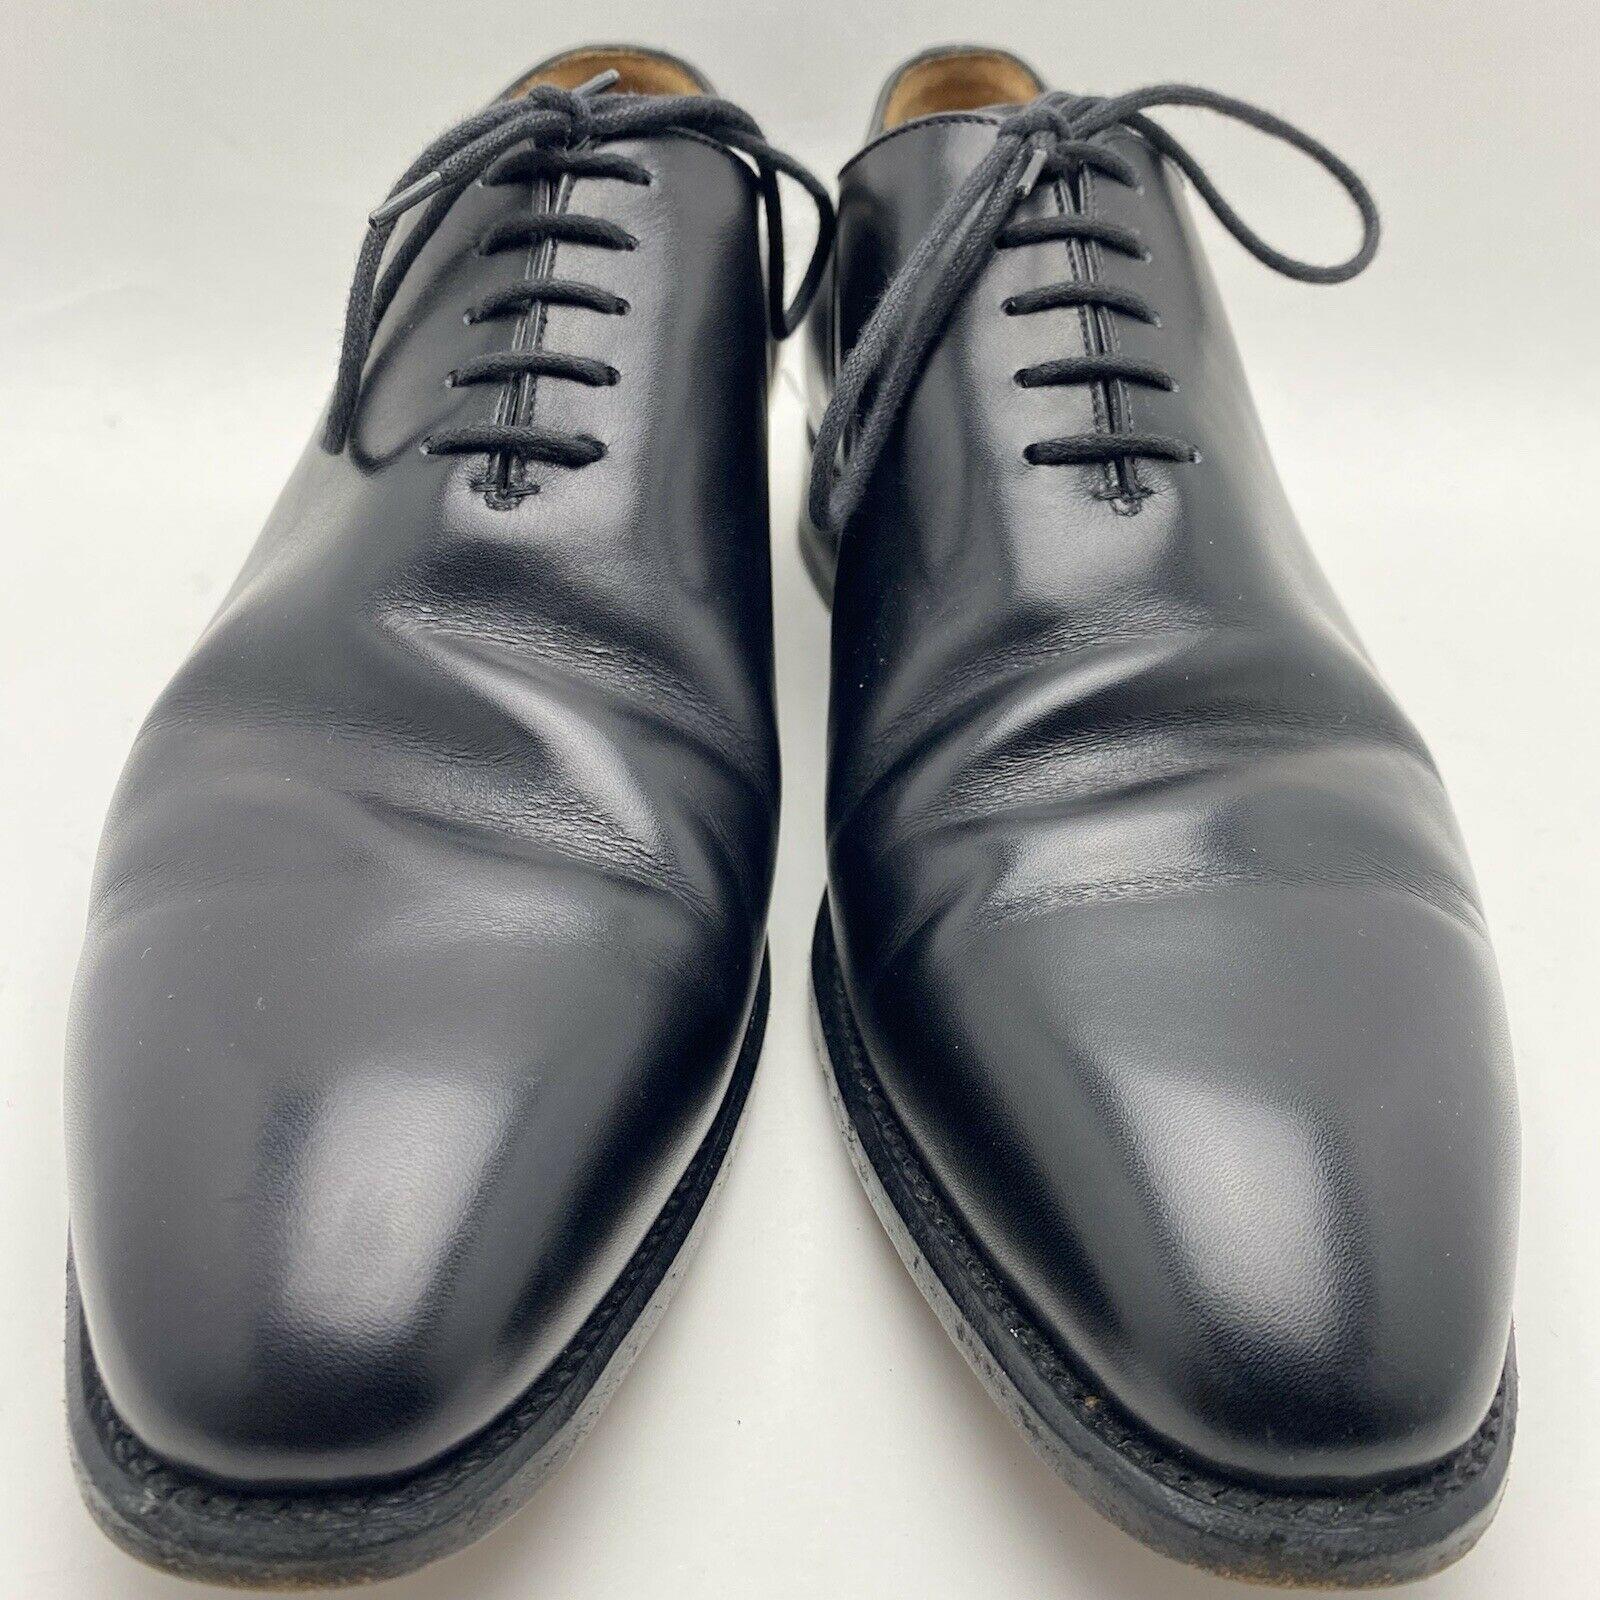 Un exemple criant d'inadéquation entre la forme de la chaussure et le pied du porteur. Ces plis d'aisances extrêmement marqués peuvent être atténués. Le reste de la chaussure est presque neuf comme en témoigne la semelle de propreté (même si elle n'est pas présentée ici, la semelle d'usure est également pratiquement neuve). (Source: Ebay)